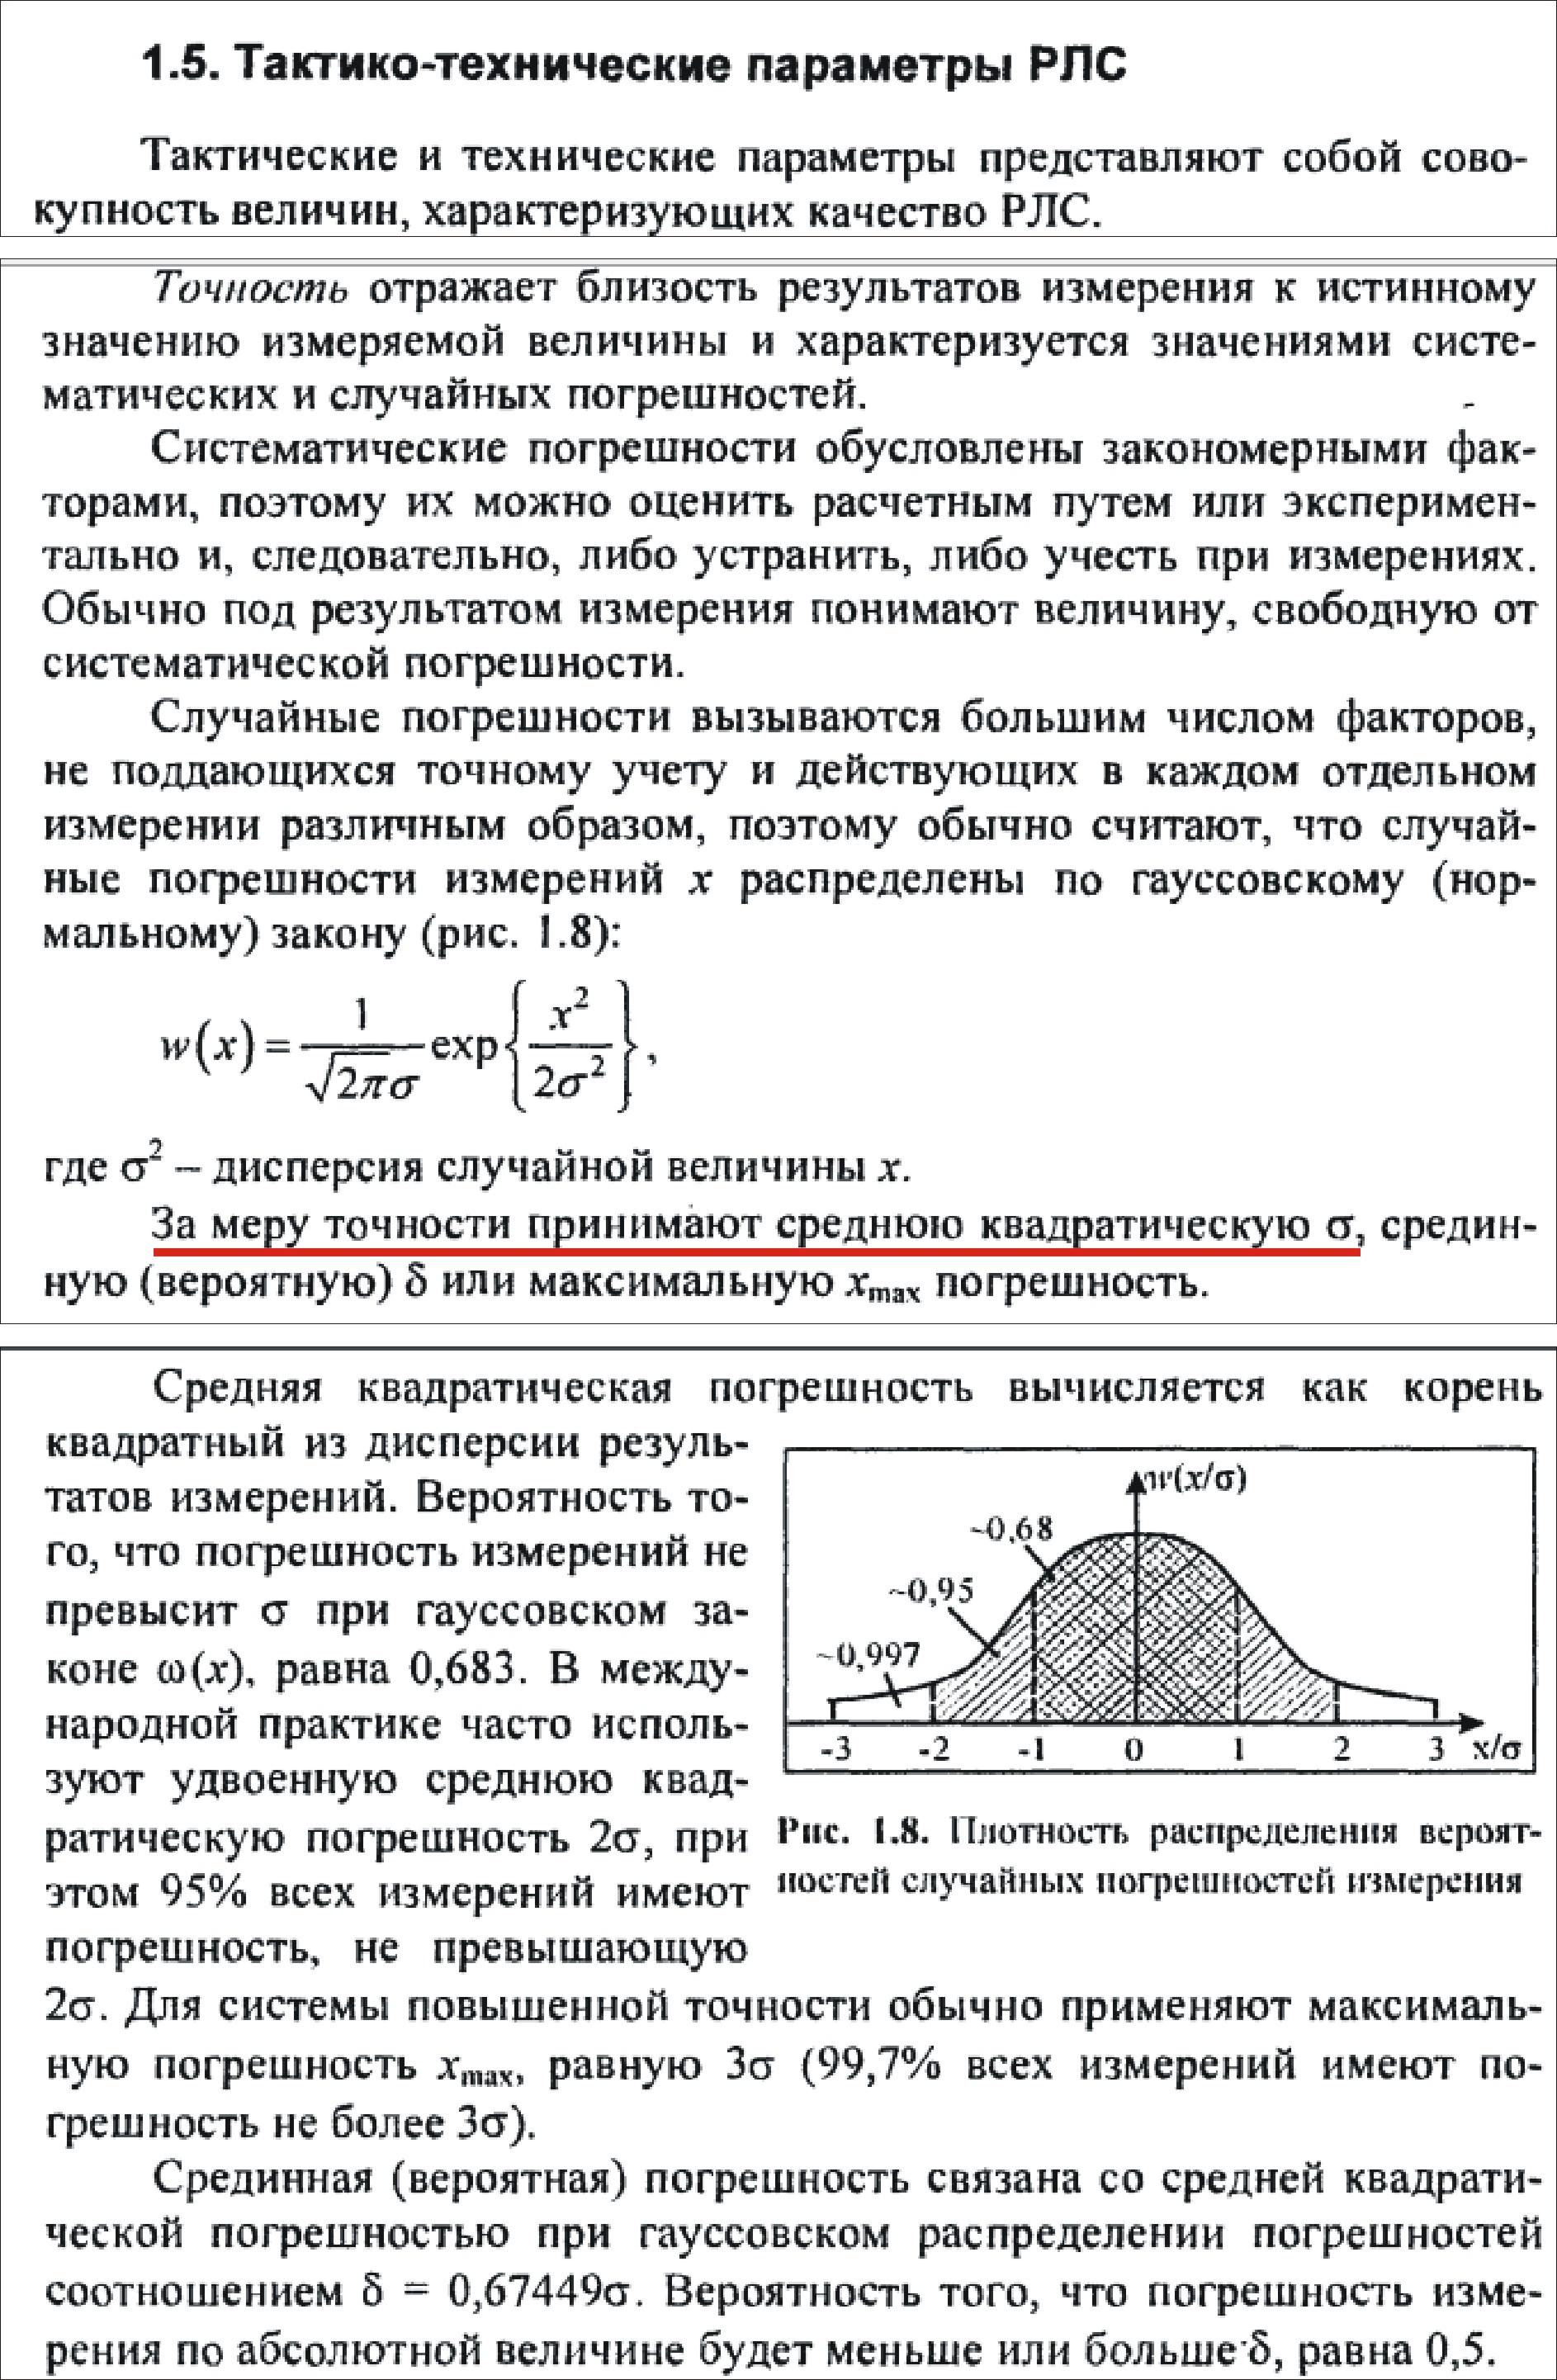 http://images.vfl.ru/ii/1559326875/871e5a3f/26729590.jpg